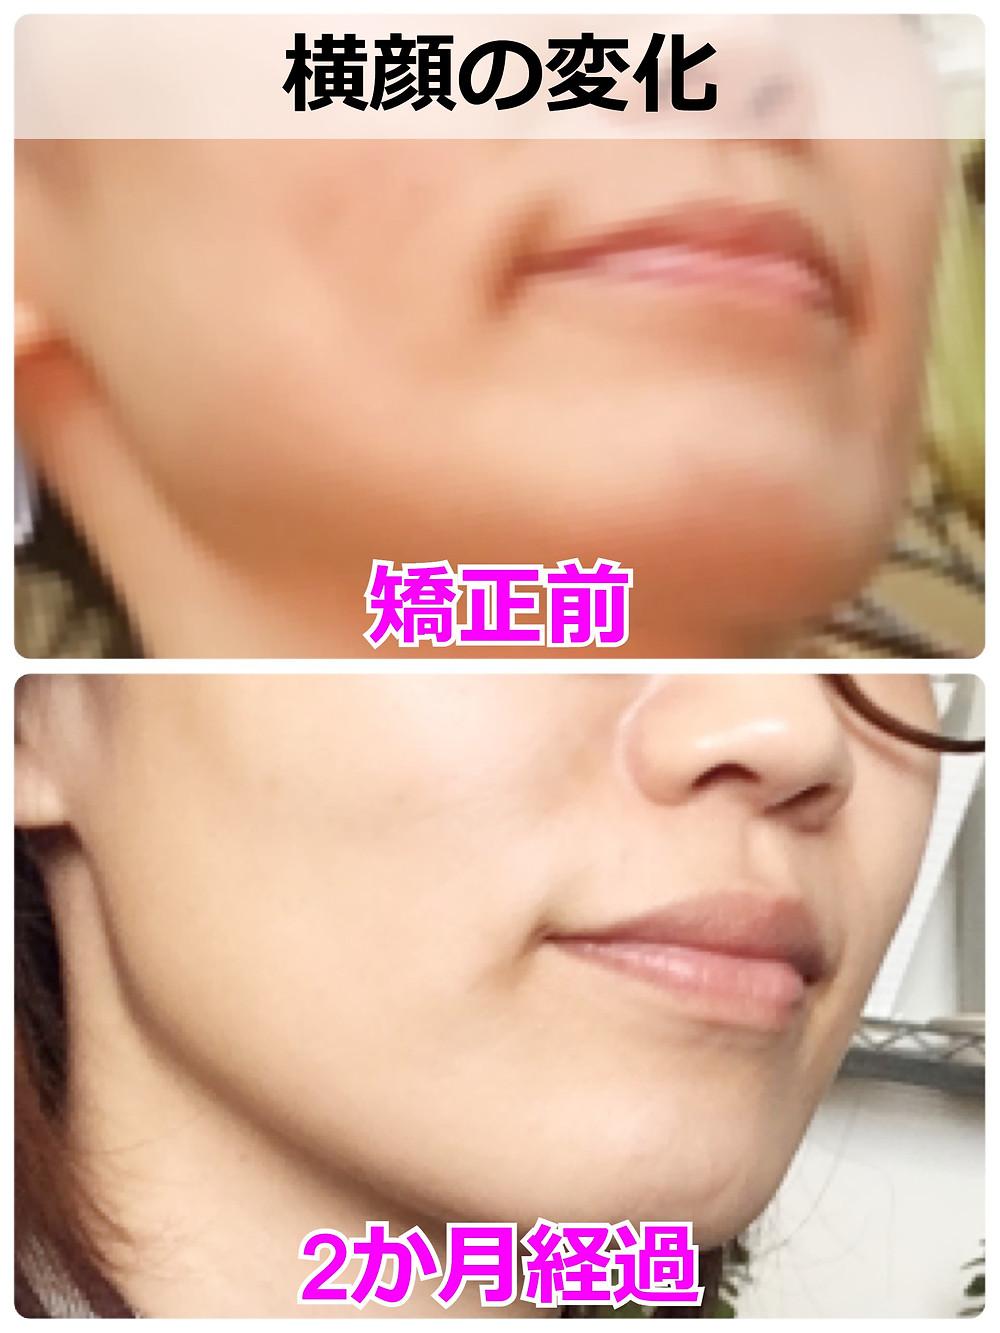 矯正前後の横顔